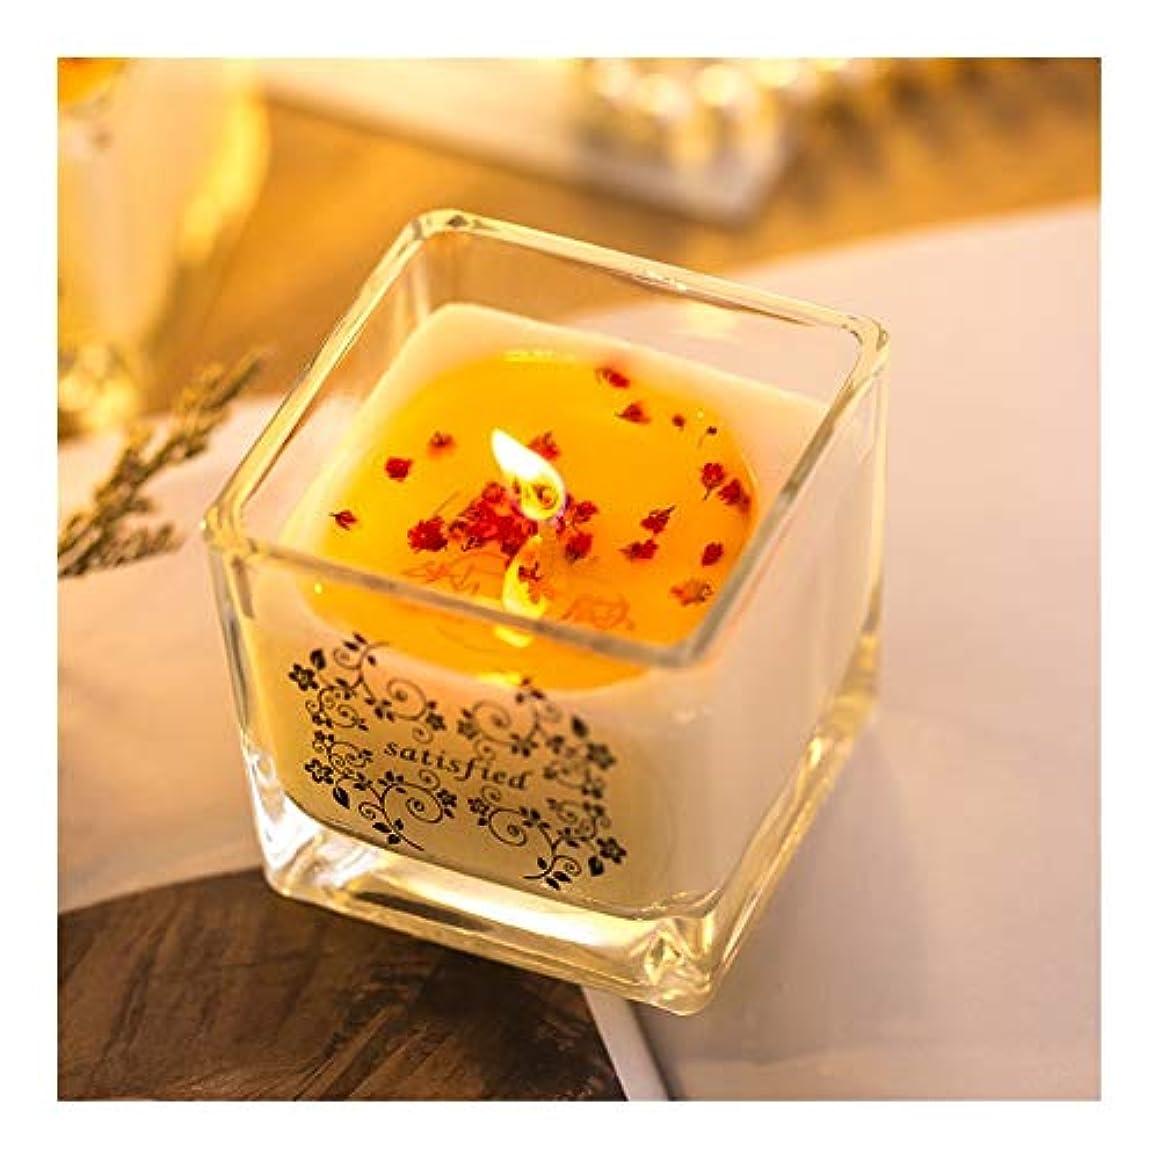 欠員言及する慣性Guomao 手作りアロマセラピー大豆キャンドルロマンチックな結婚結婚ガラスの花びら輸入無煙エッセンシャルオイルキャンドル卸売 (色 : Lavender)